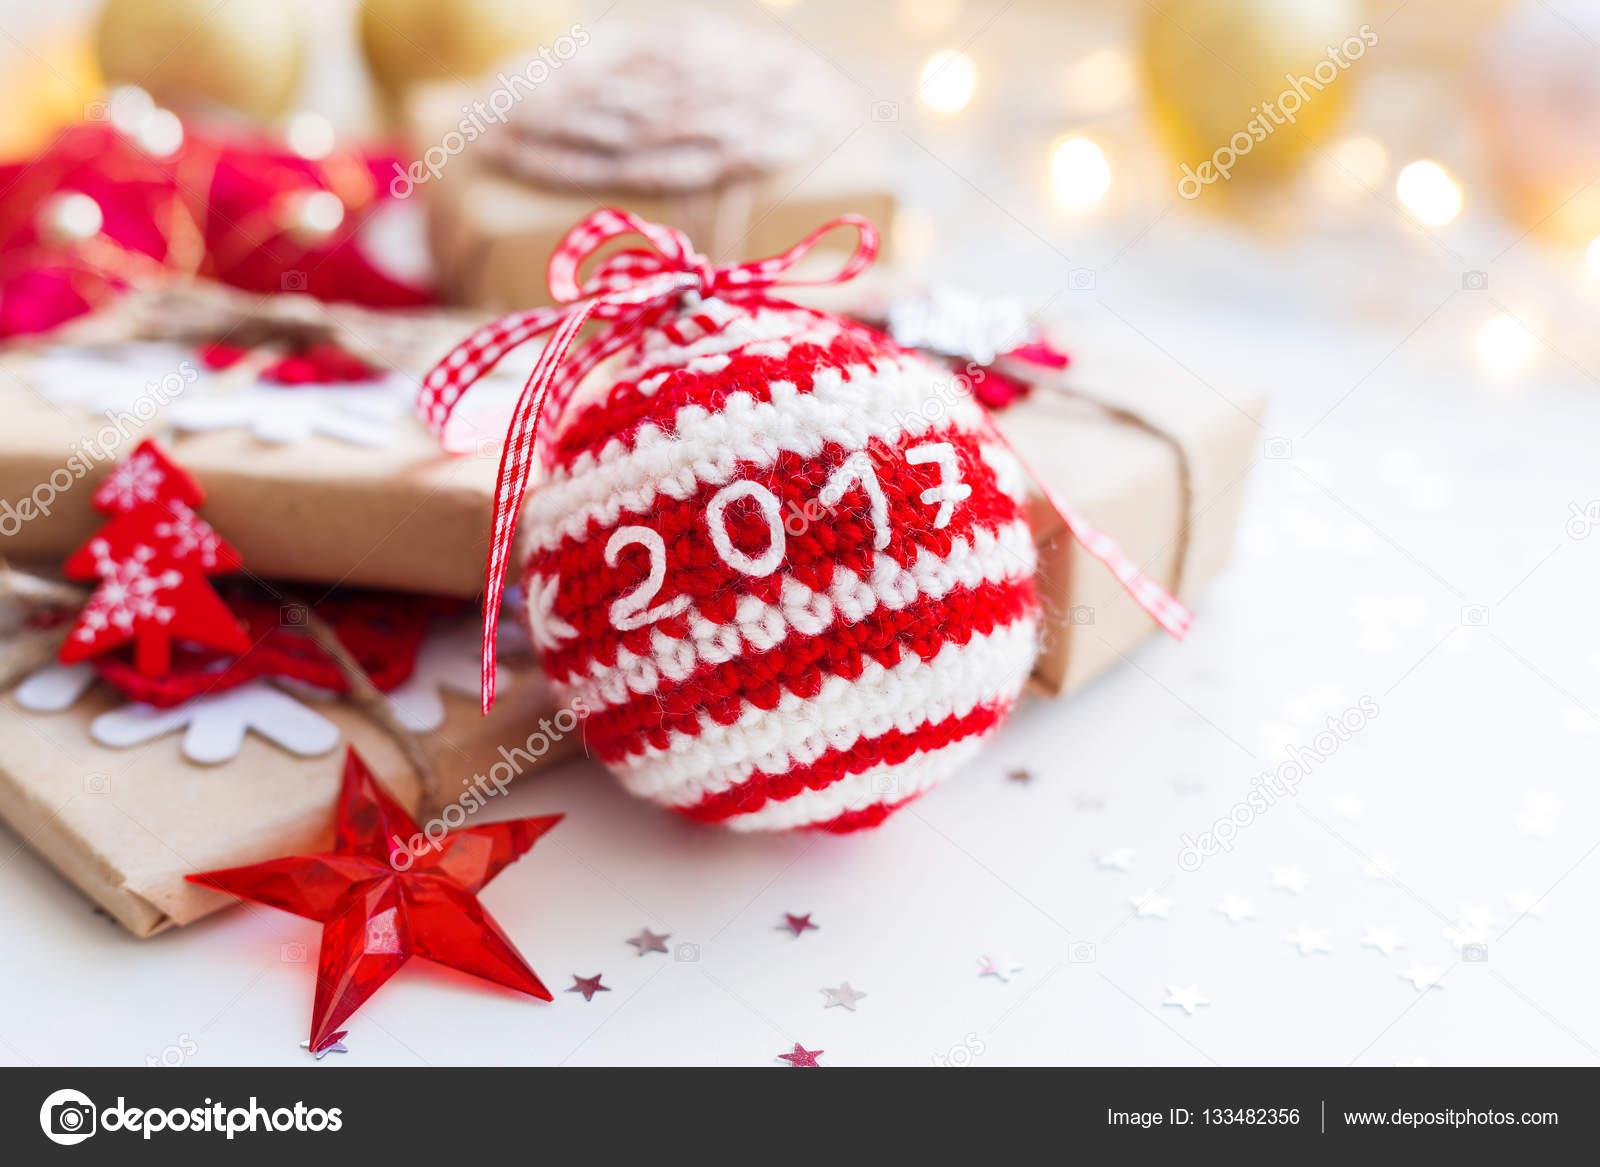 Fondo de navidad y a o nuevo 2017 con punto pelota a mano for Adornos navidenos 2017 trackid sp 006